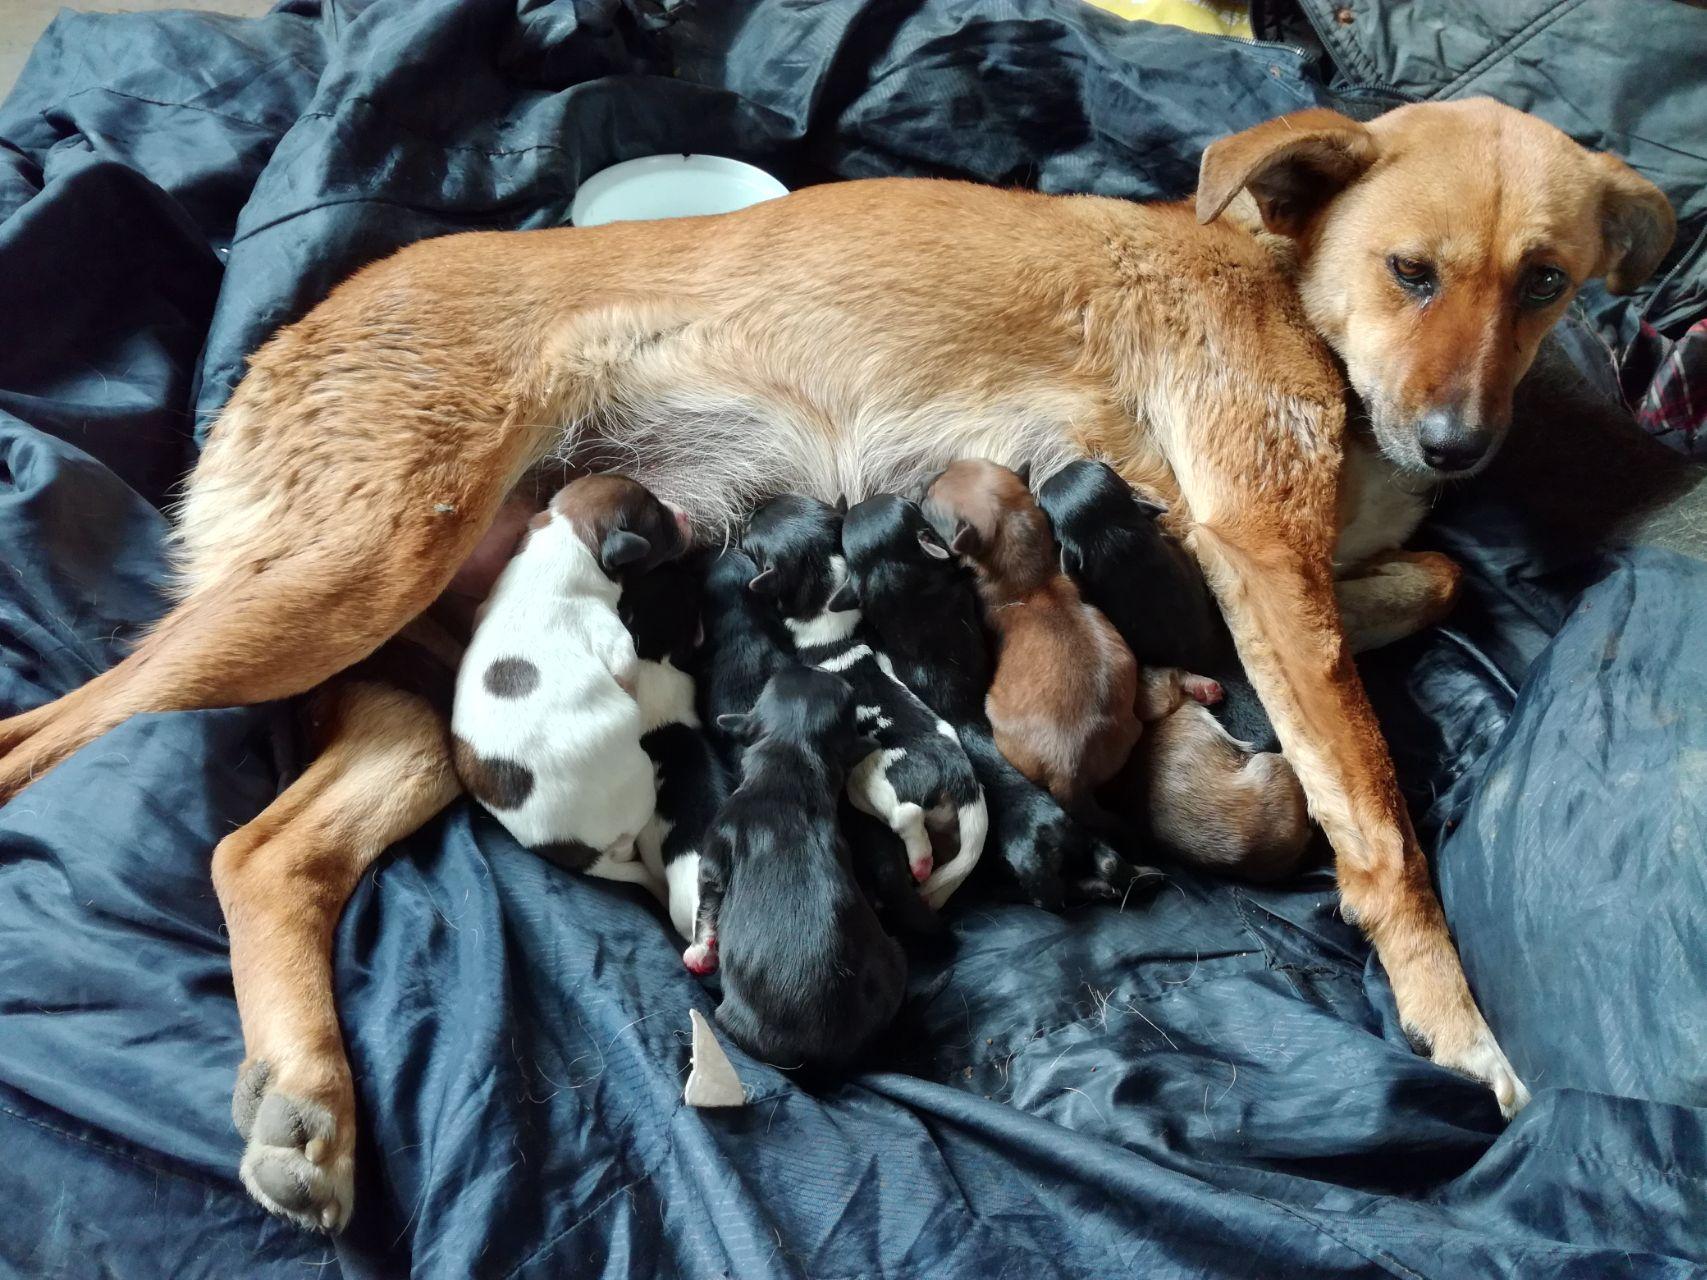 生宝宝前的准备工作_小狗生产怎样能知道它生完了_百度知道